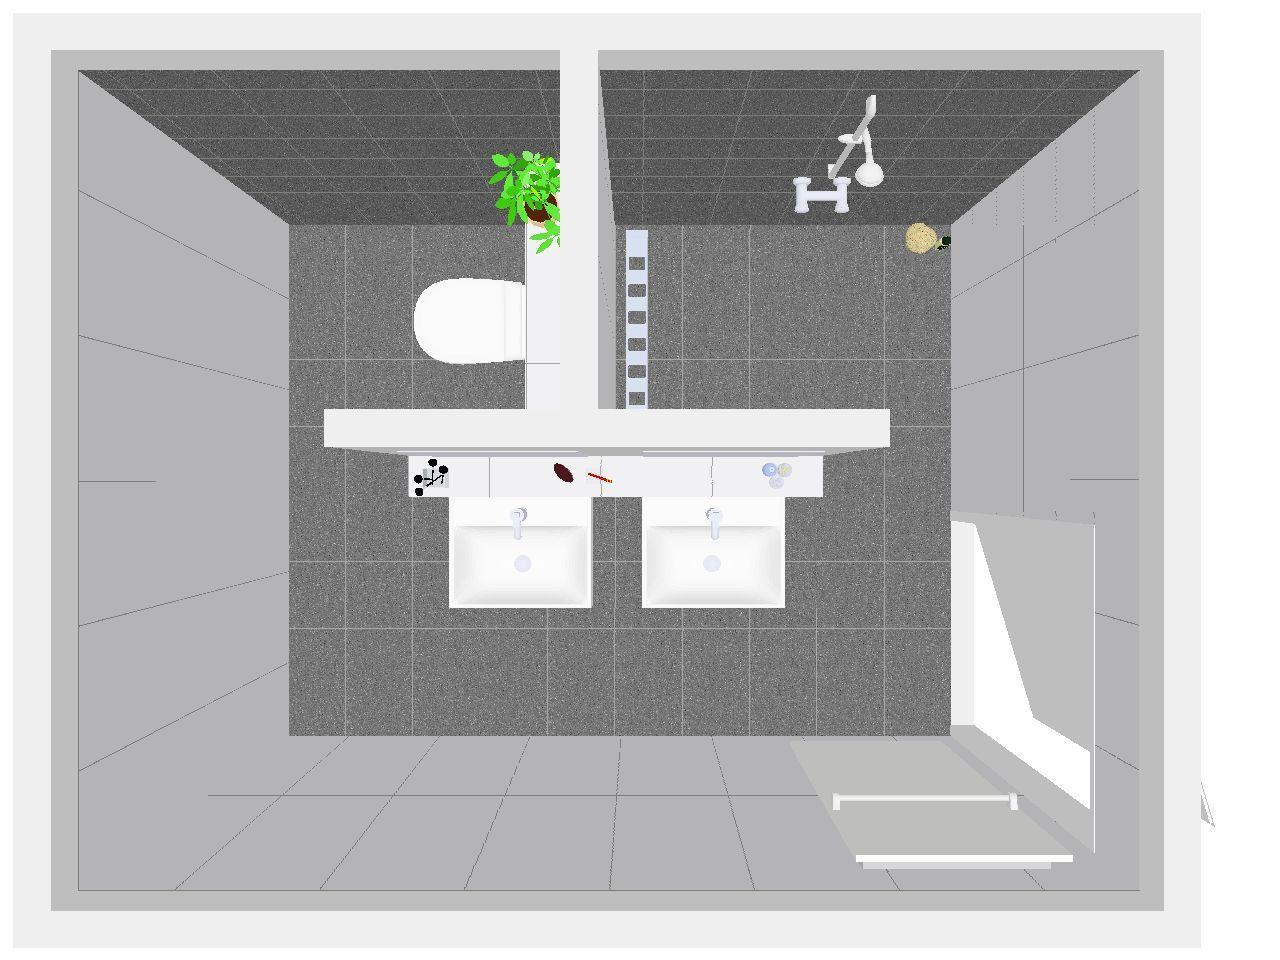 Badkamer Ideeen Inloopdouche : Idee voor inrichting badkamer indeling badkamer met inloopdouche